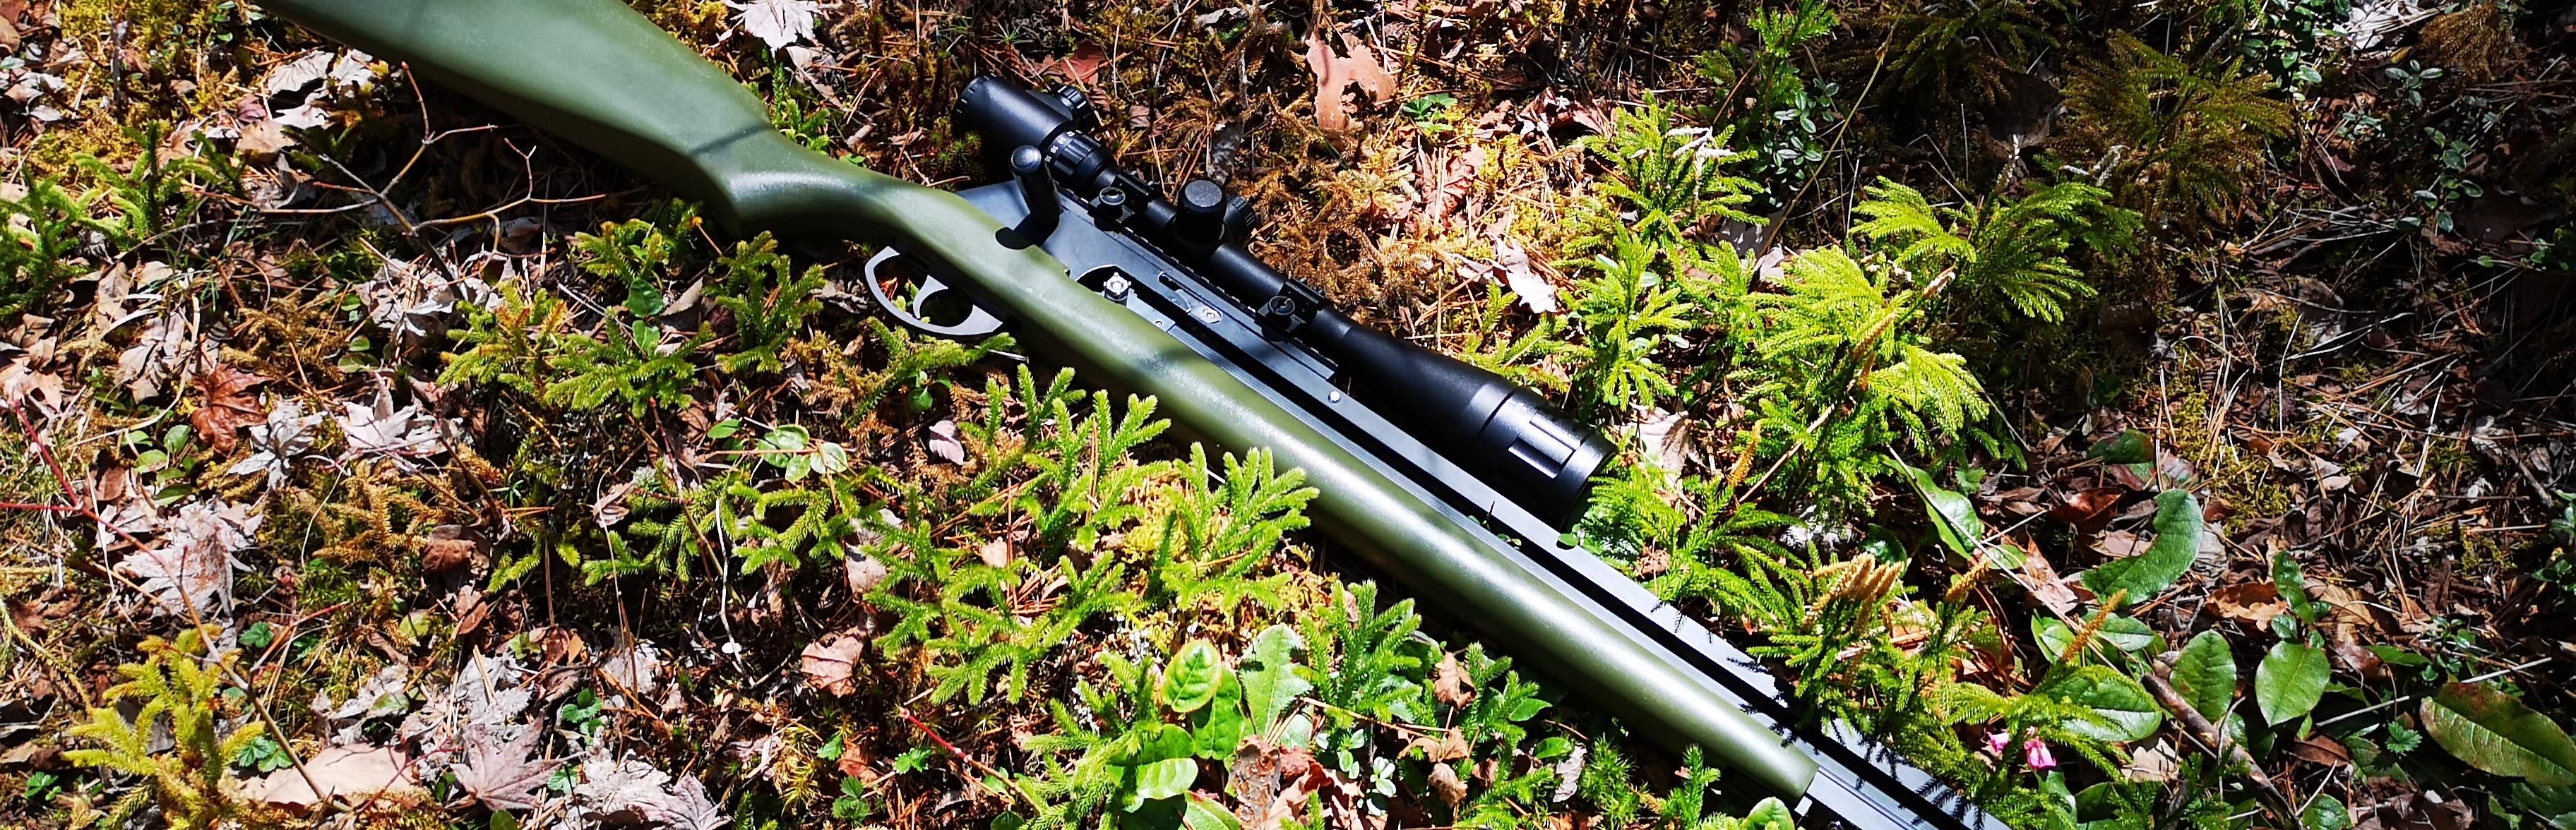 スリングライフルSSR-PBCA-19S